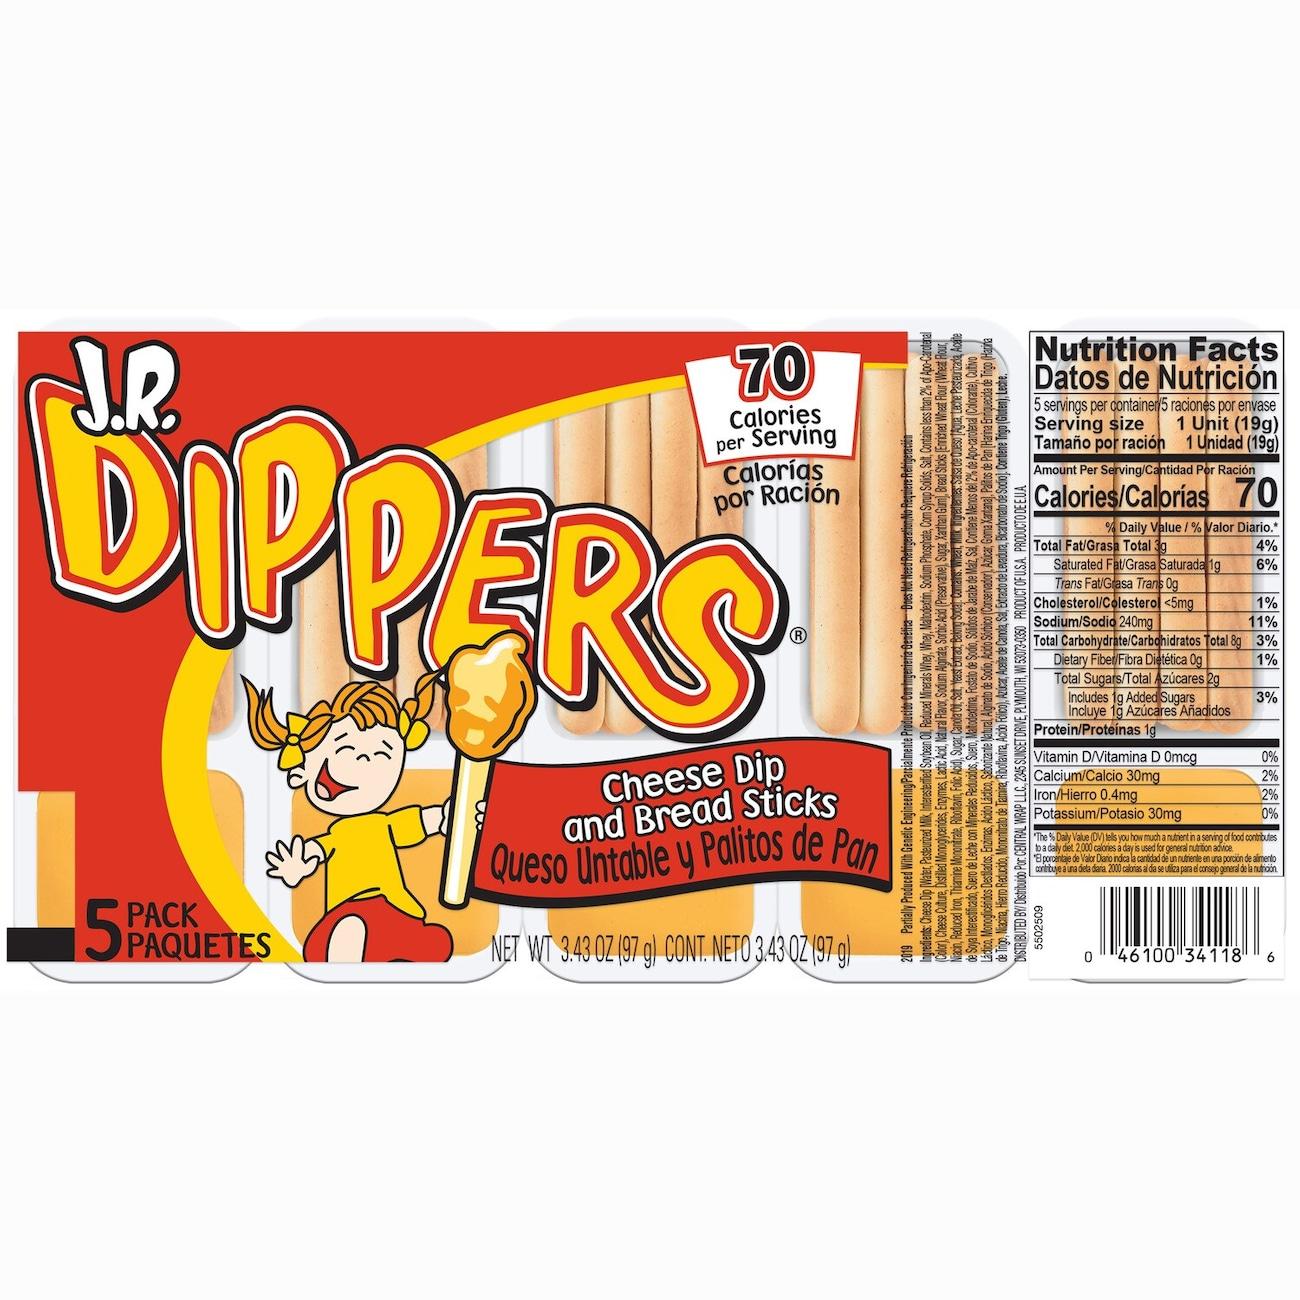 23945f09c2d5 J.R. Dippers Cheese Dip   Sticks